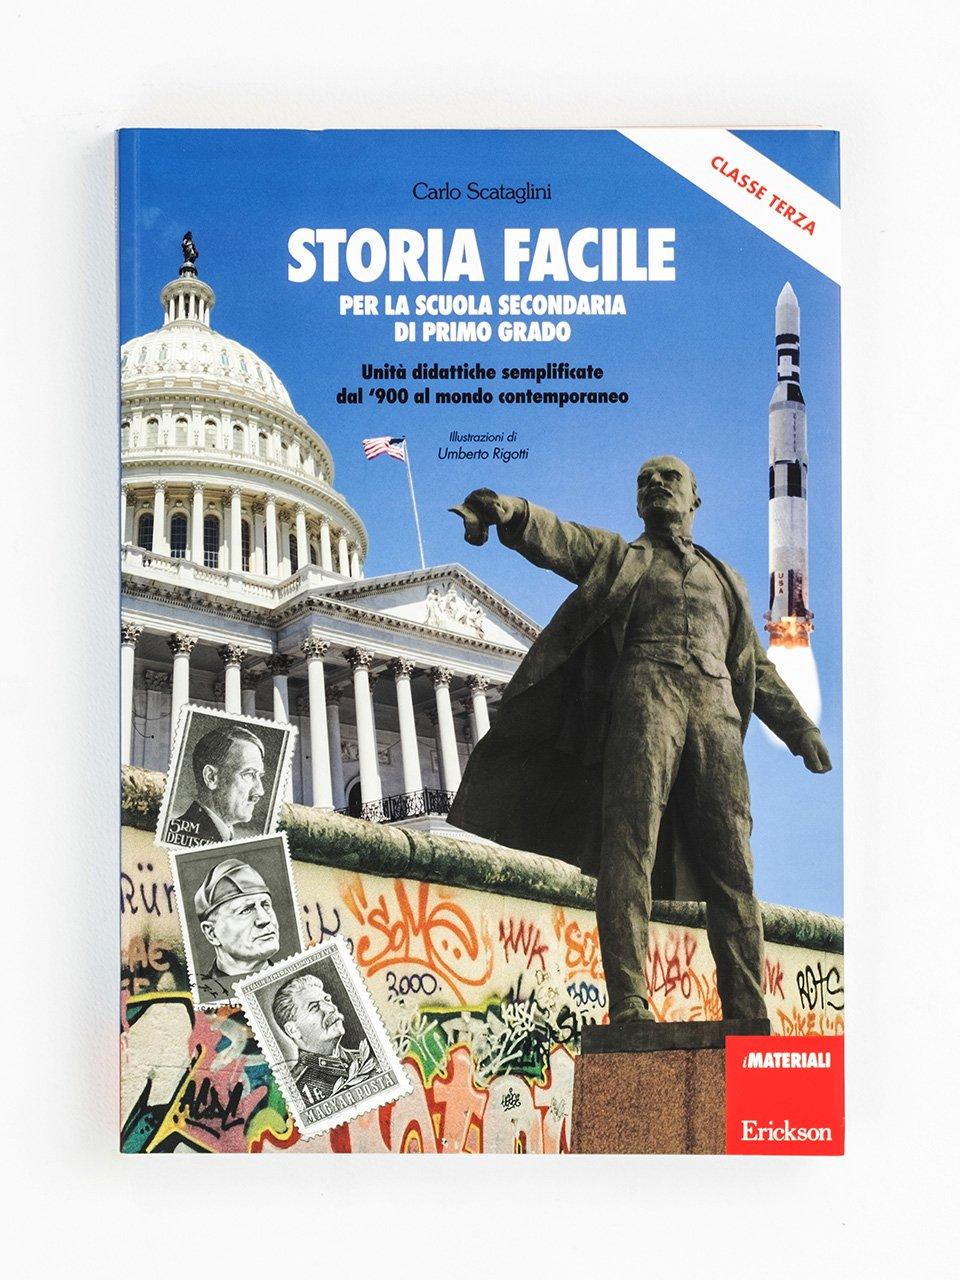 Storia facile per la scuola secondaria di primo grado - Classe terza - Storia facile per la classe quinta - Libri - App e software - Erickson